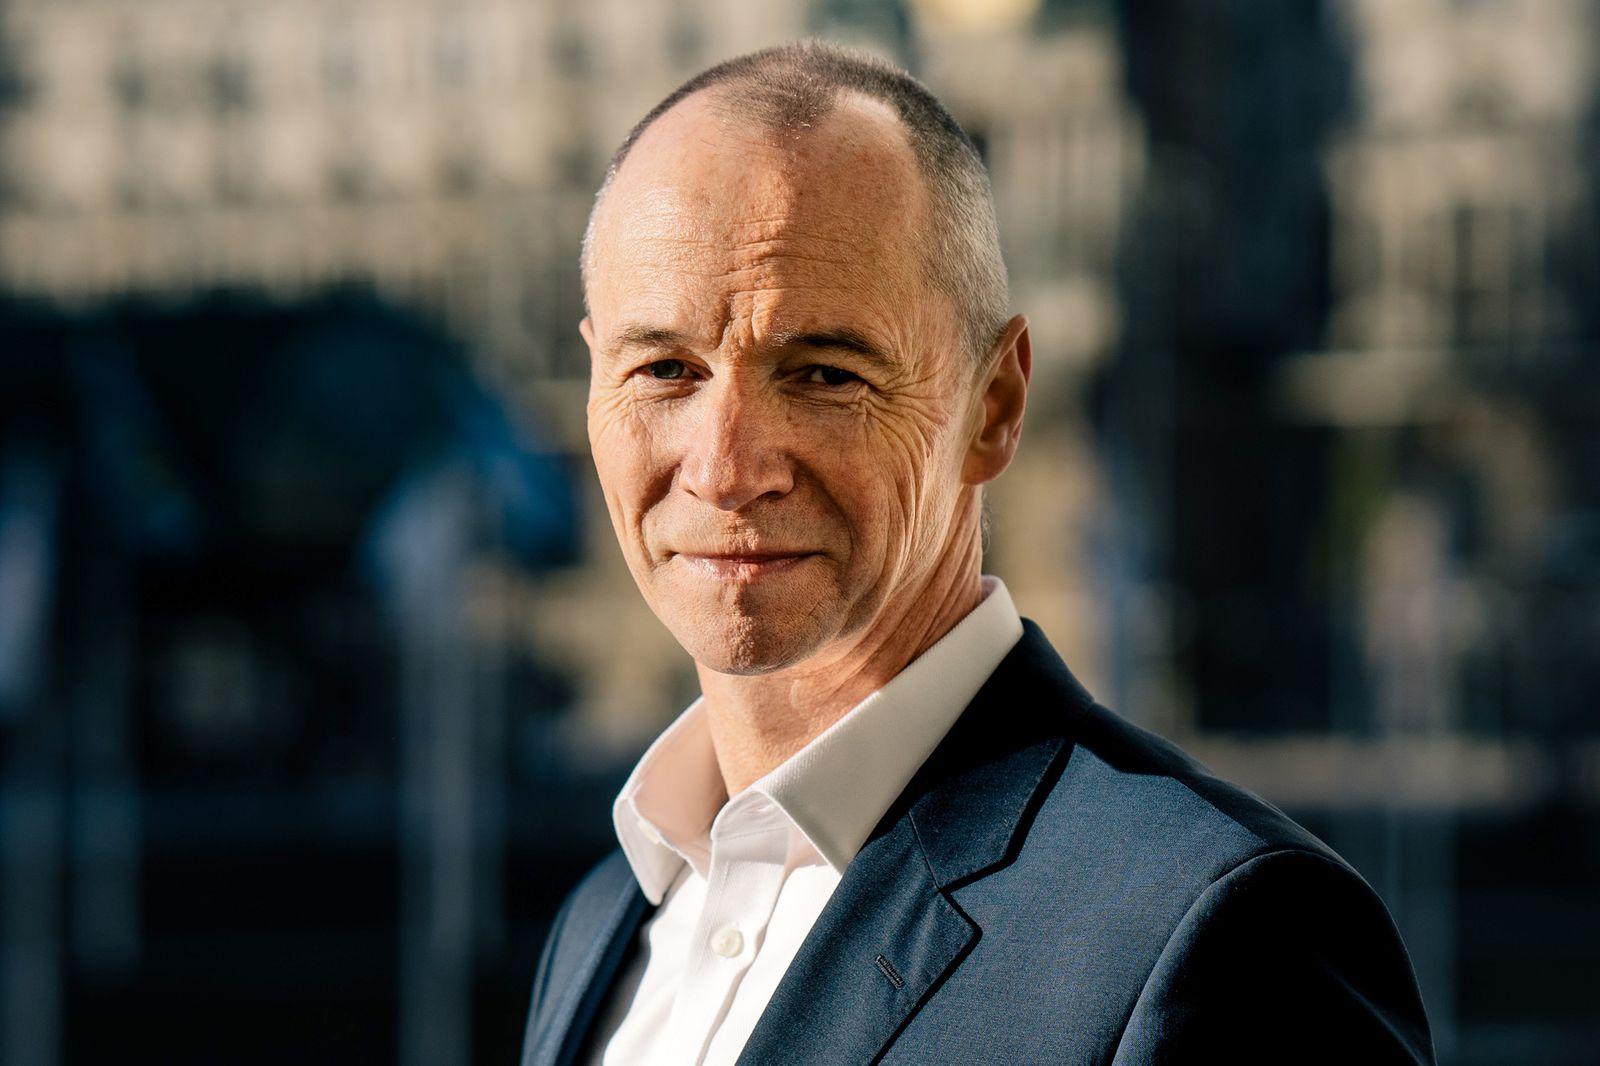 Karrierecoach/ Matthias Martens